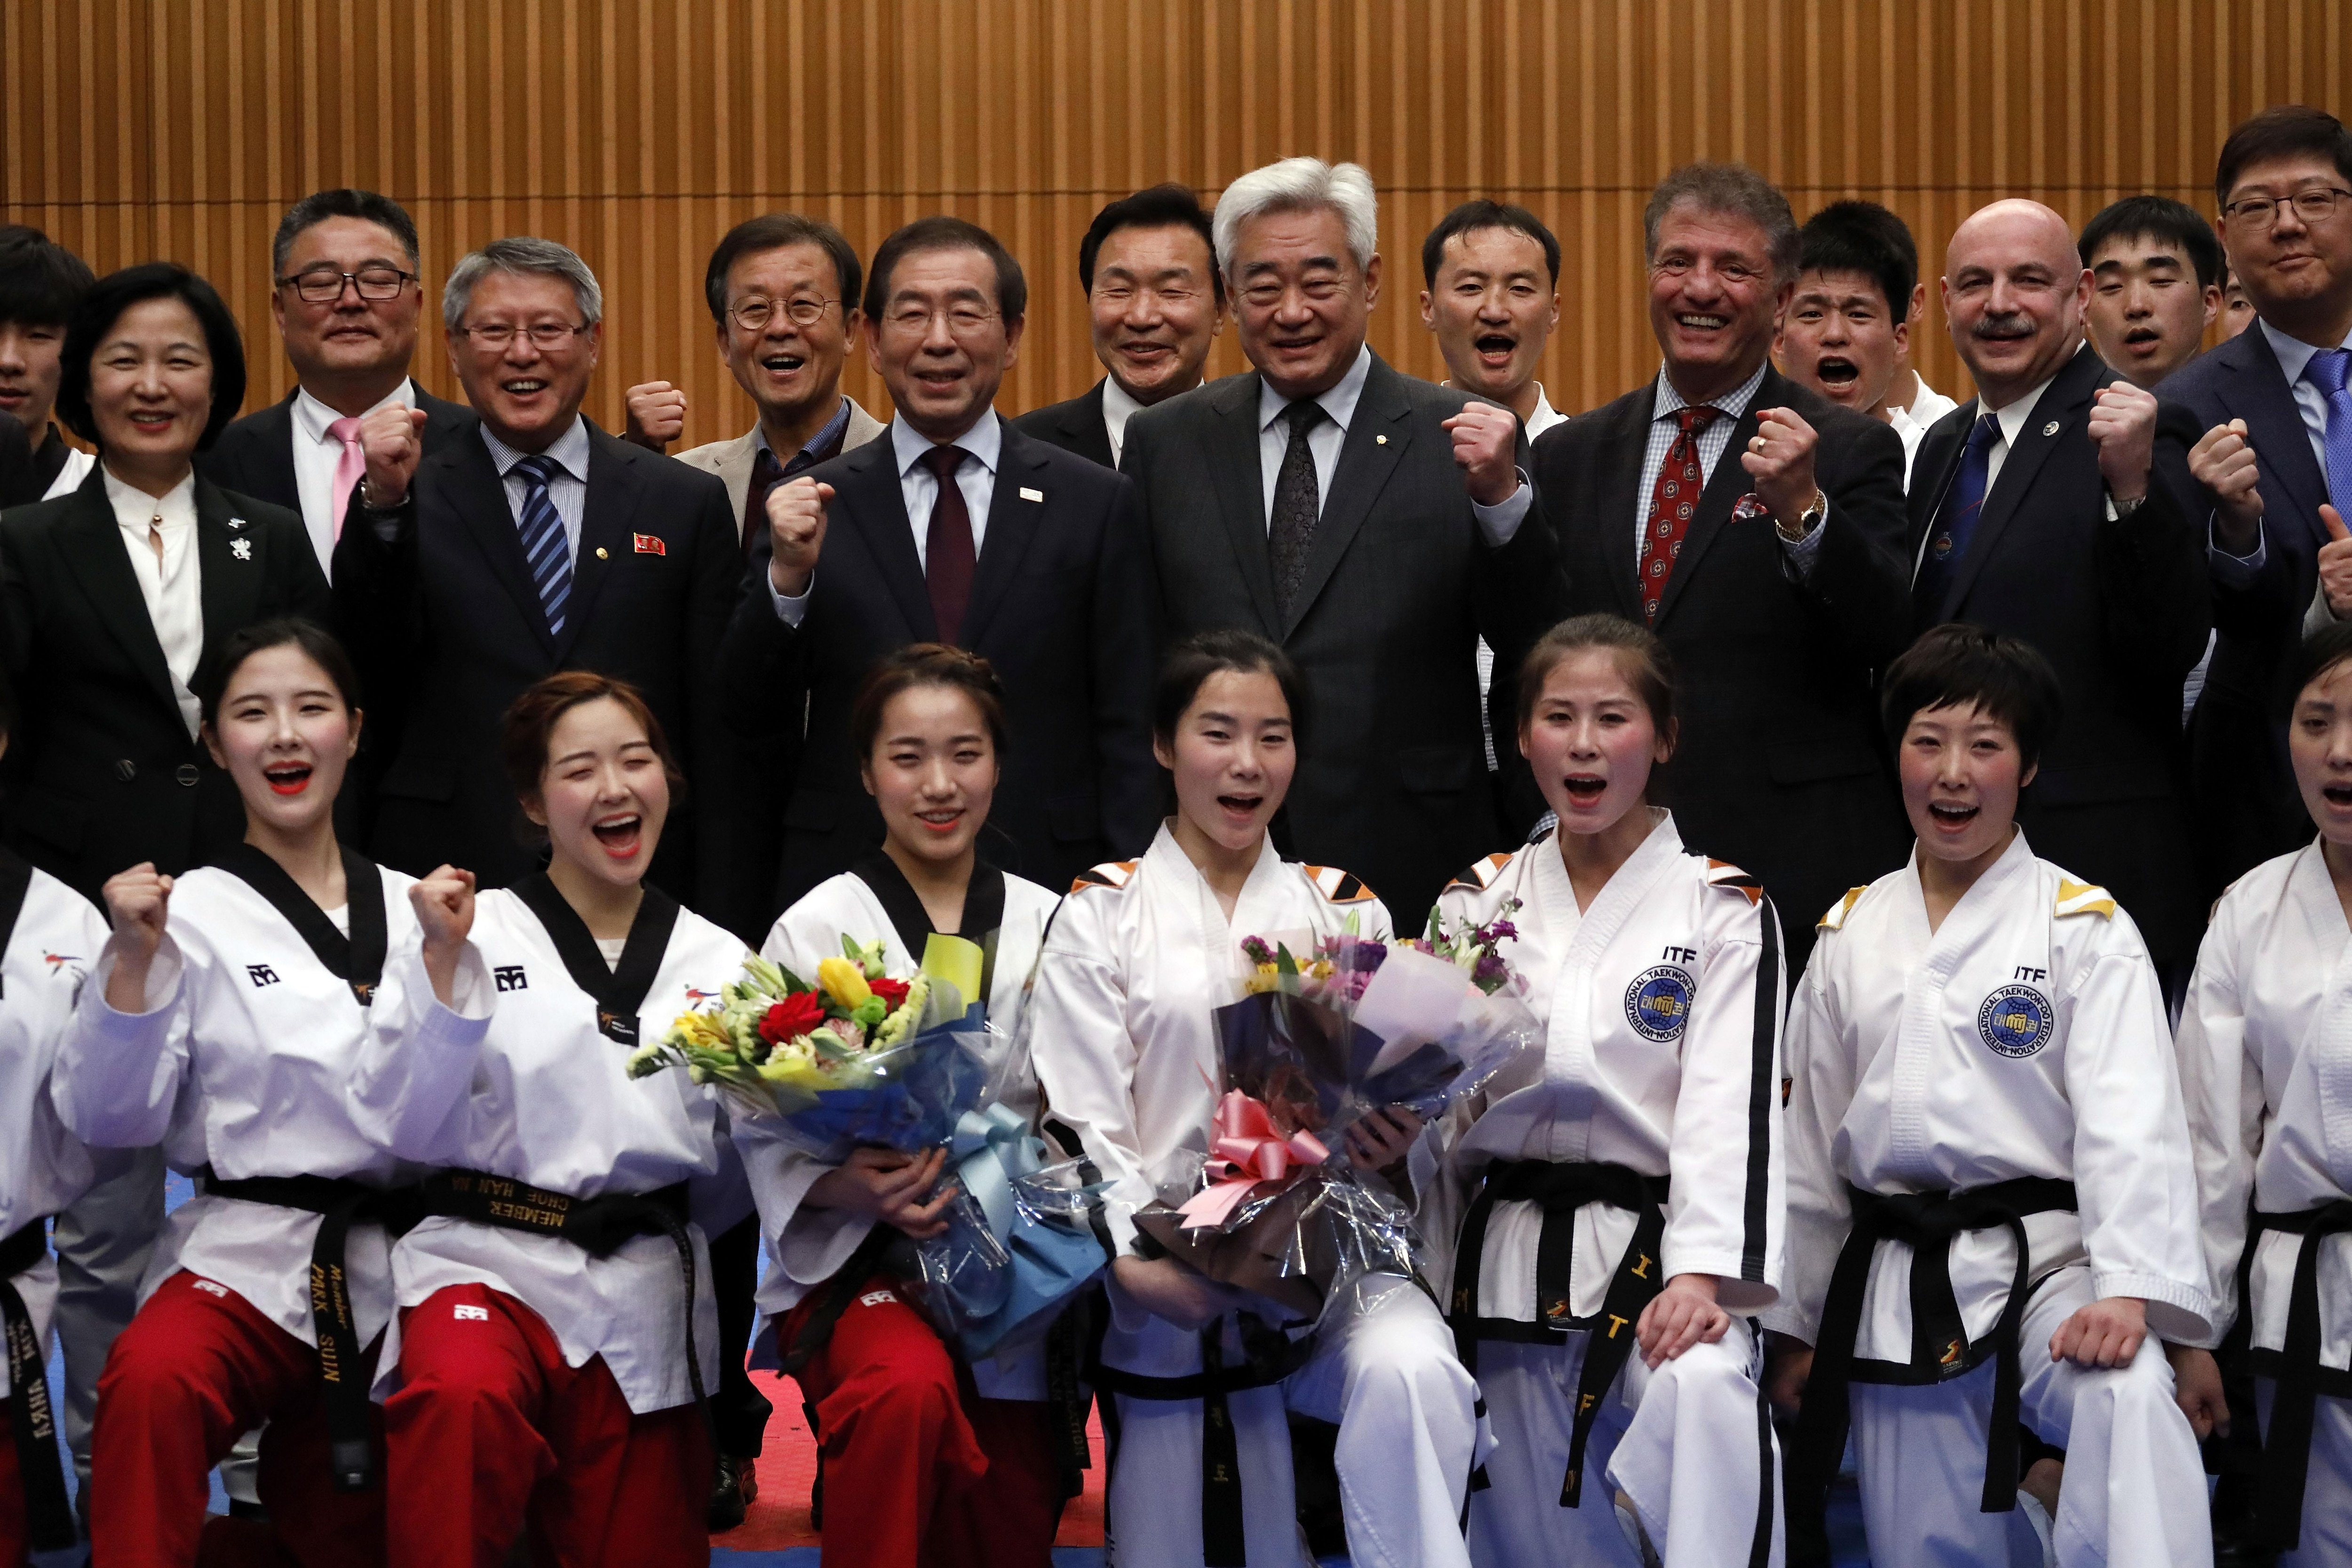 Des membres des équipes nord-coréenne et sud-coréenne posent après avoir participé à une performance de taekwondo conjointe à Séoul, le 12 février 2018, en marge des Jeux olympiques d'hiver de Pyeongchang.